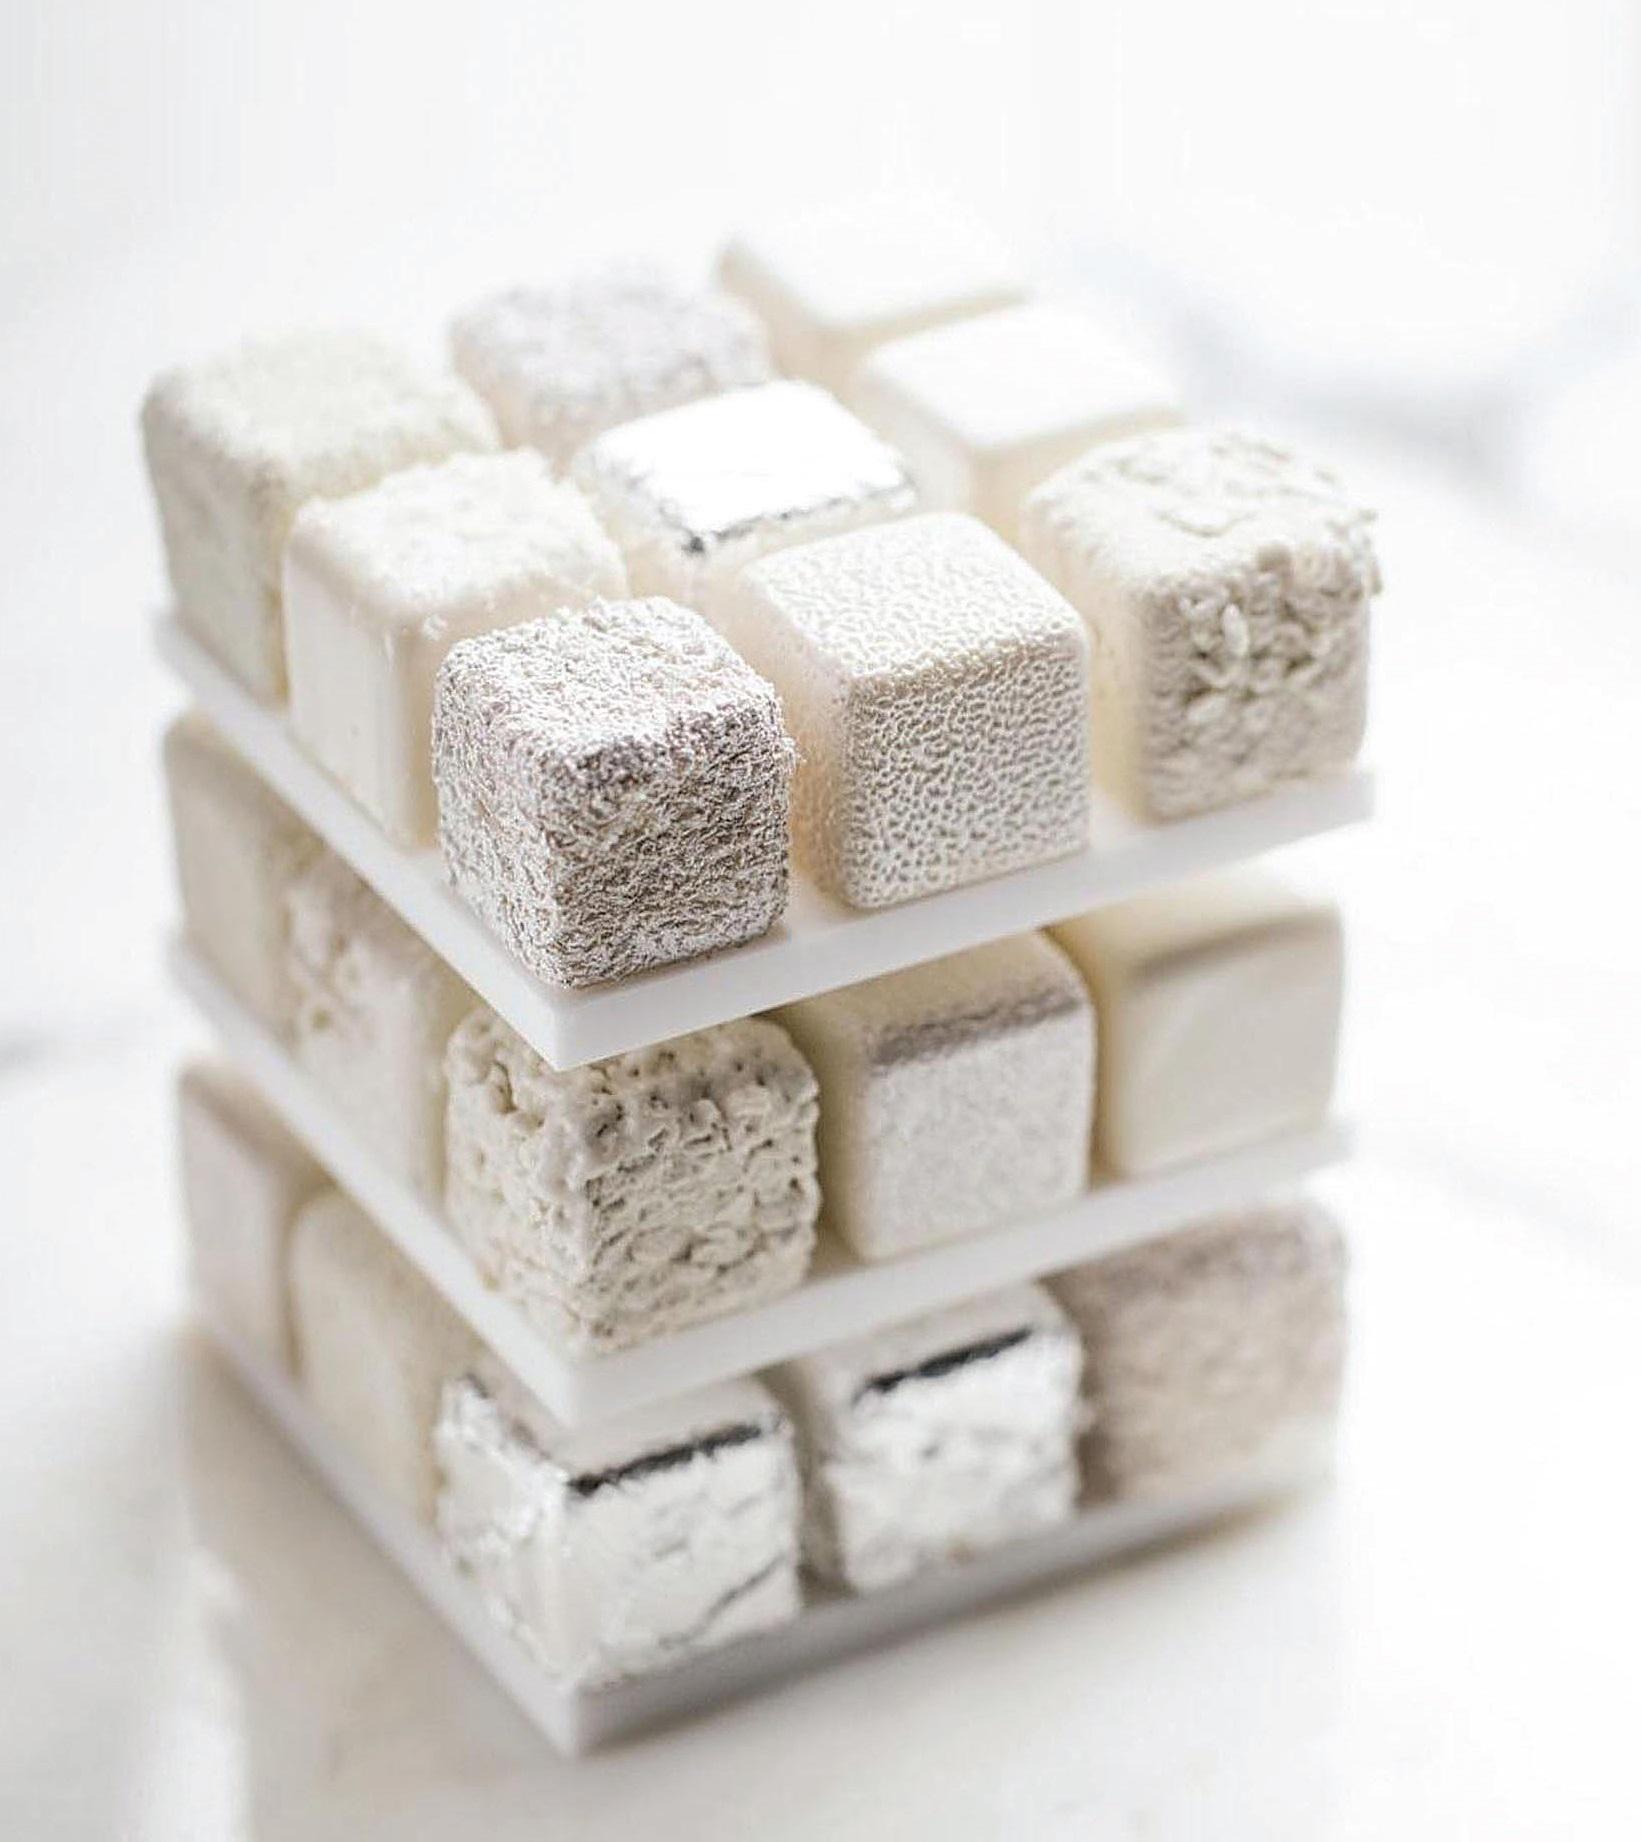 C. Grolet žymusis Rubiko kubą imituojantis desertas. Konditeris mėgsta žaisti su spalvomis. Šių desertų esama vienspalvių bei originalių Rubiko kubo spalvų